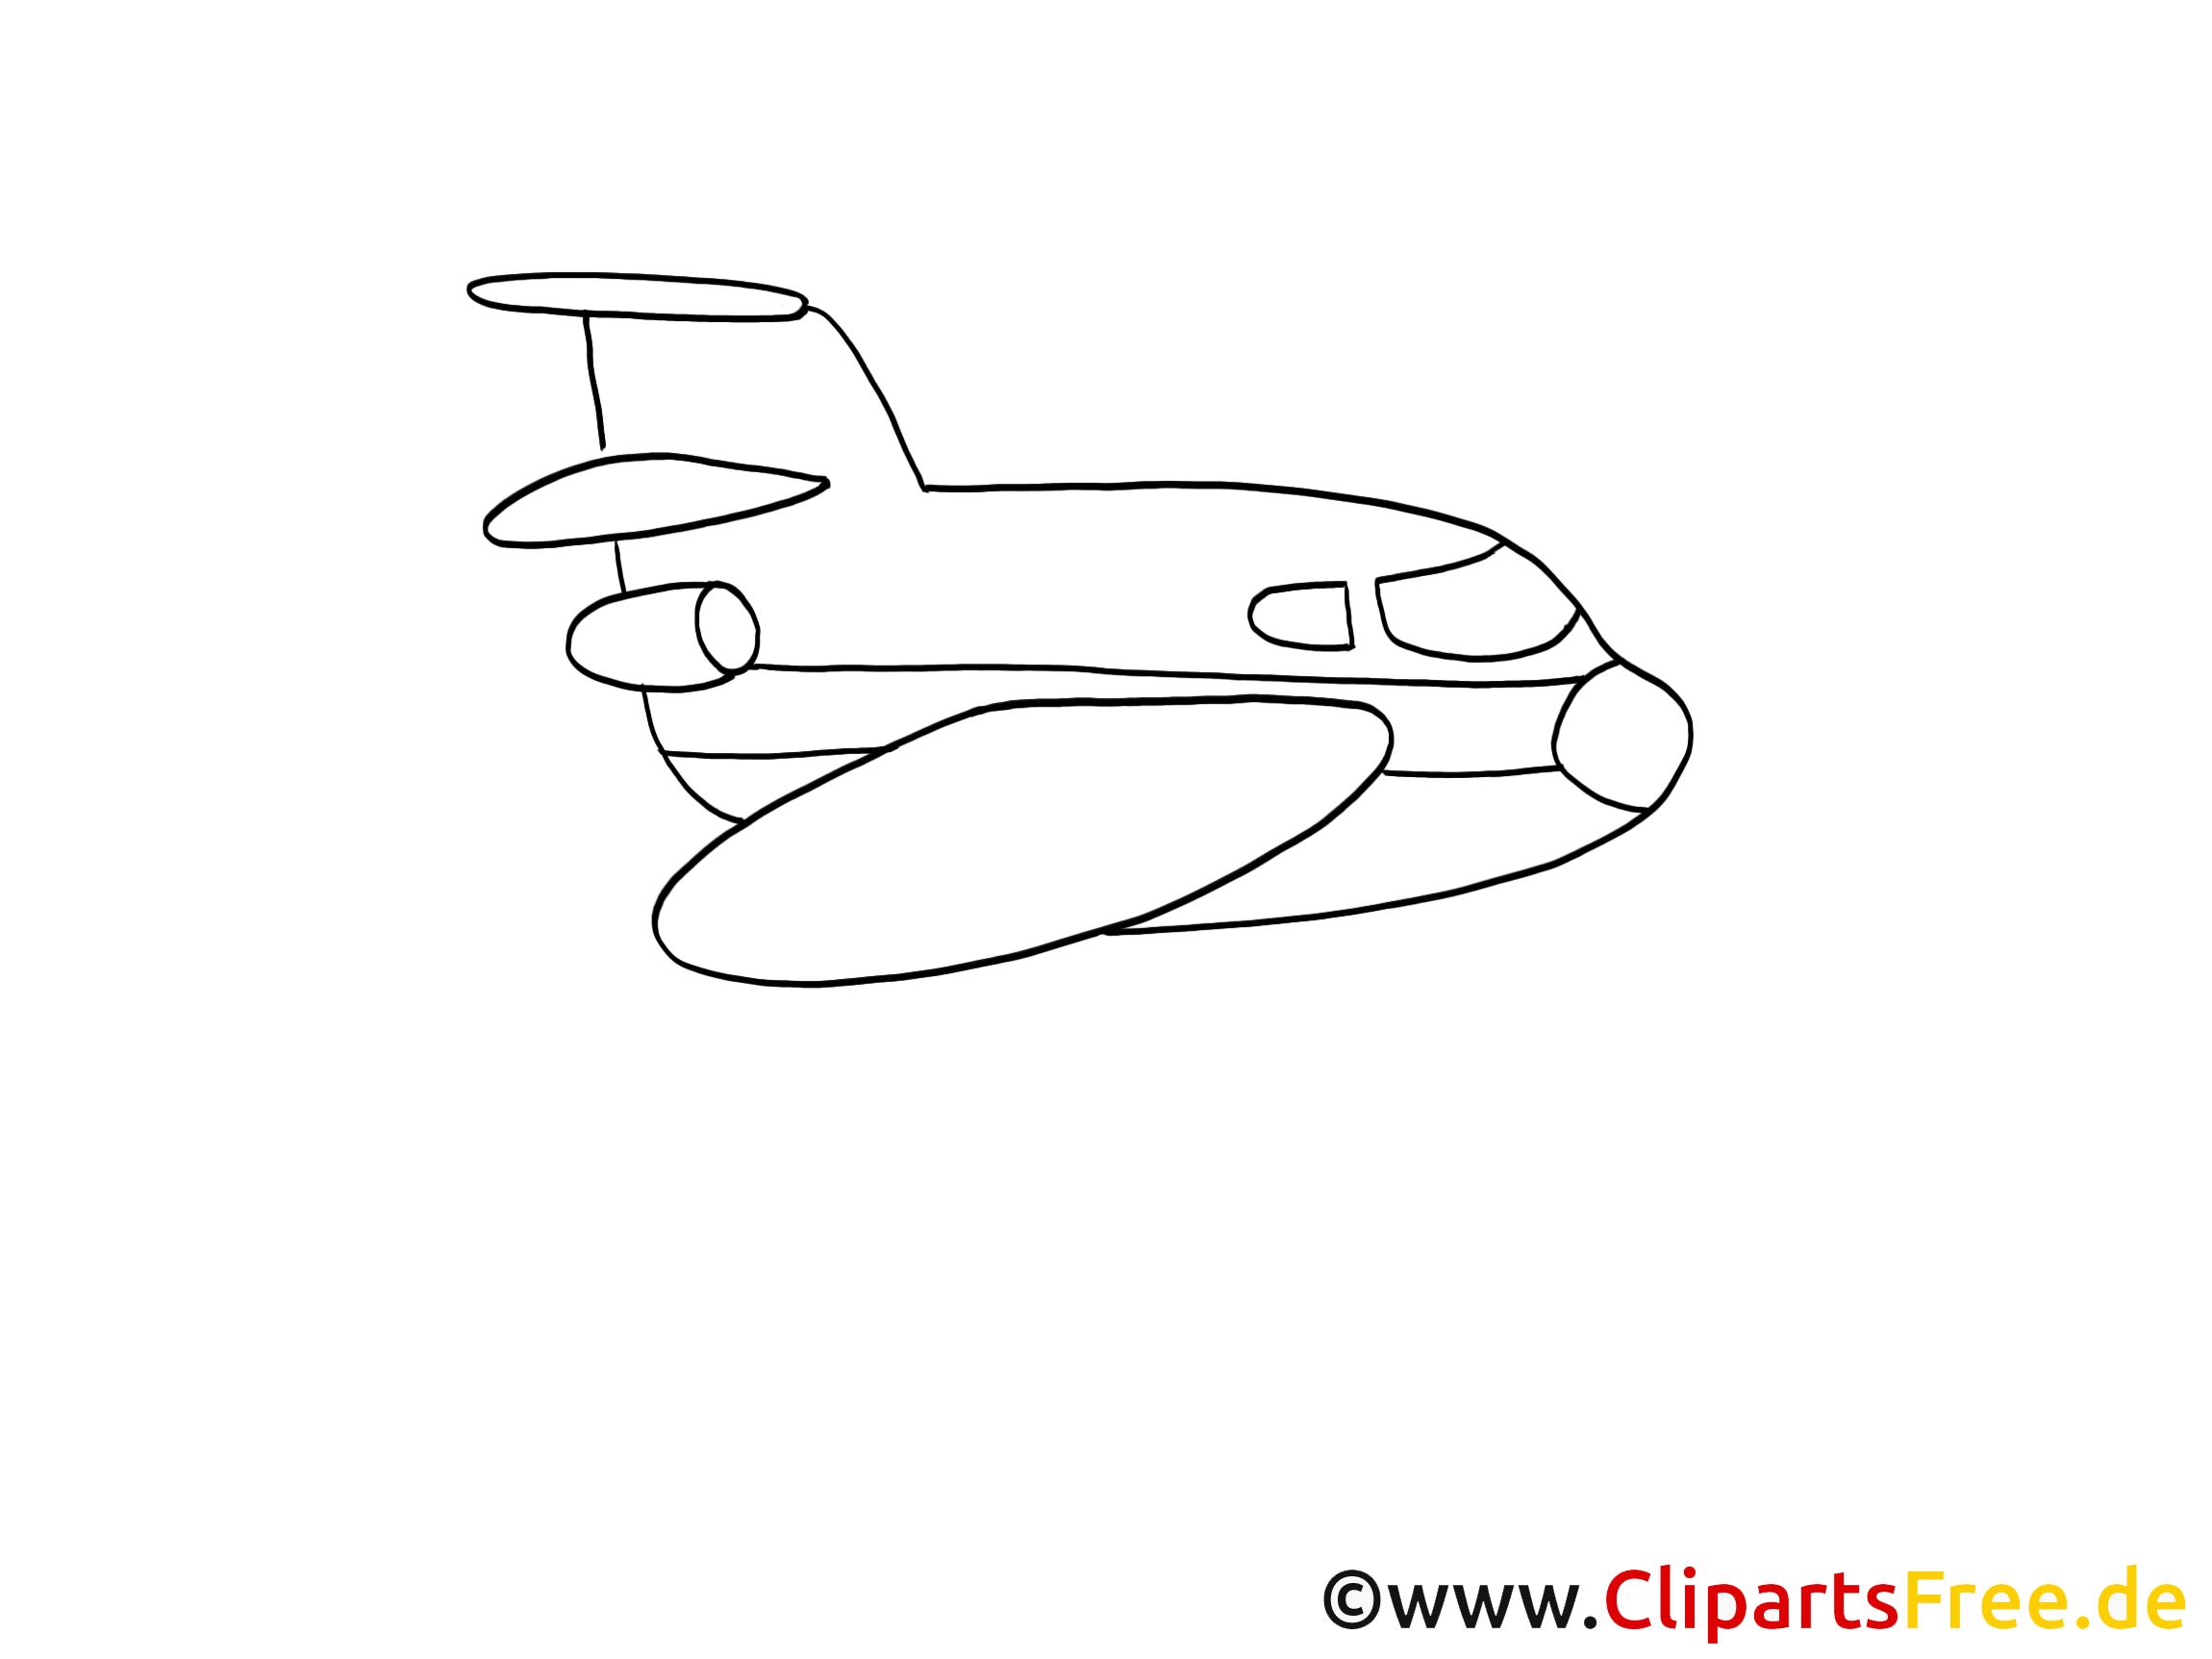 Flugzeug Clipart Schwarz Weiß